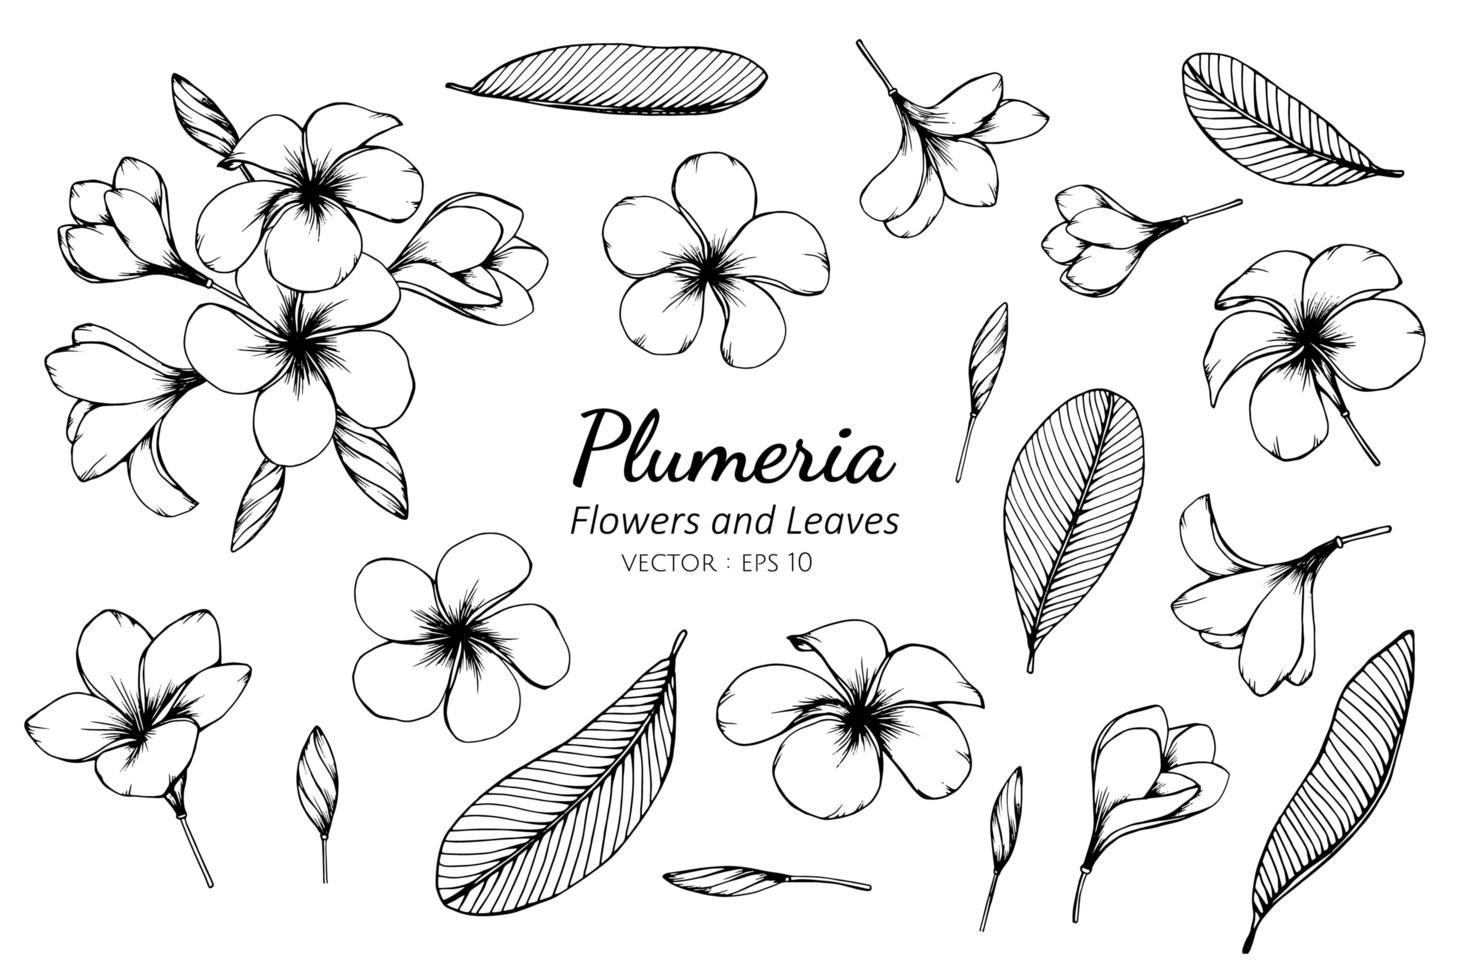 Sammlung von Plumeria Blüten und Blättern vektor